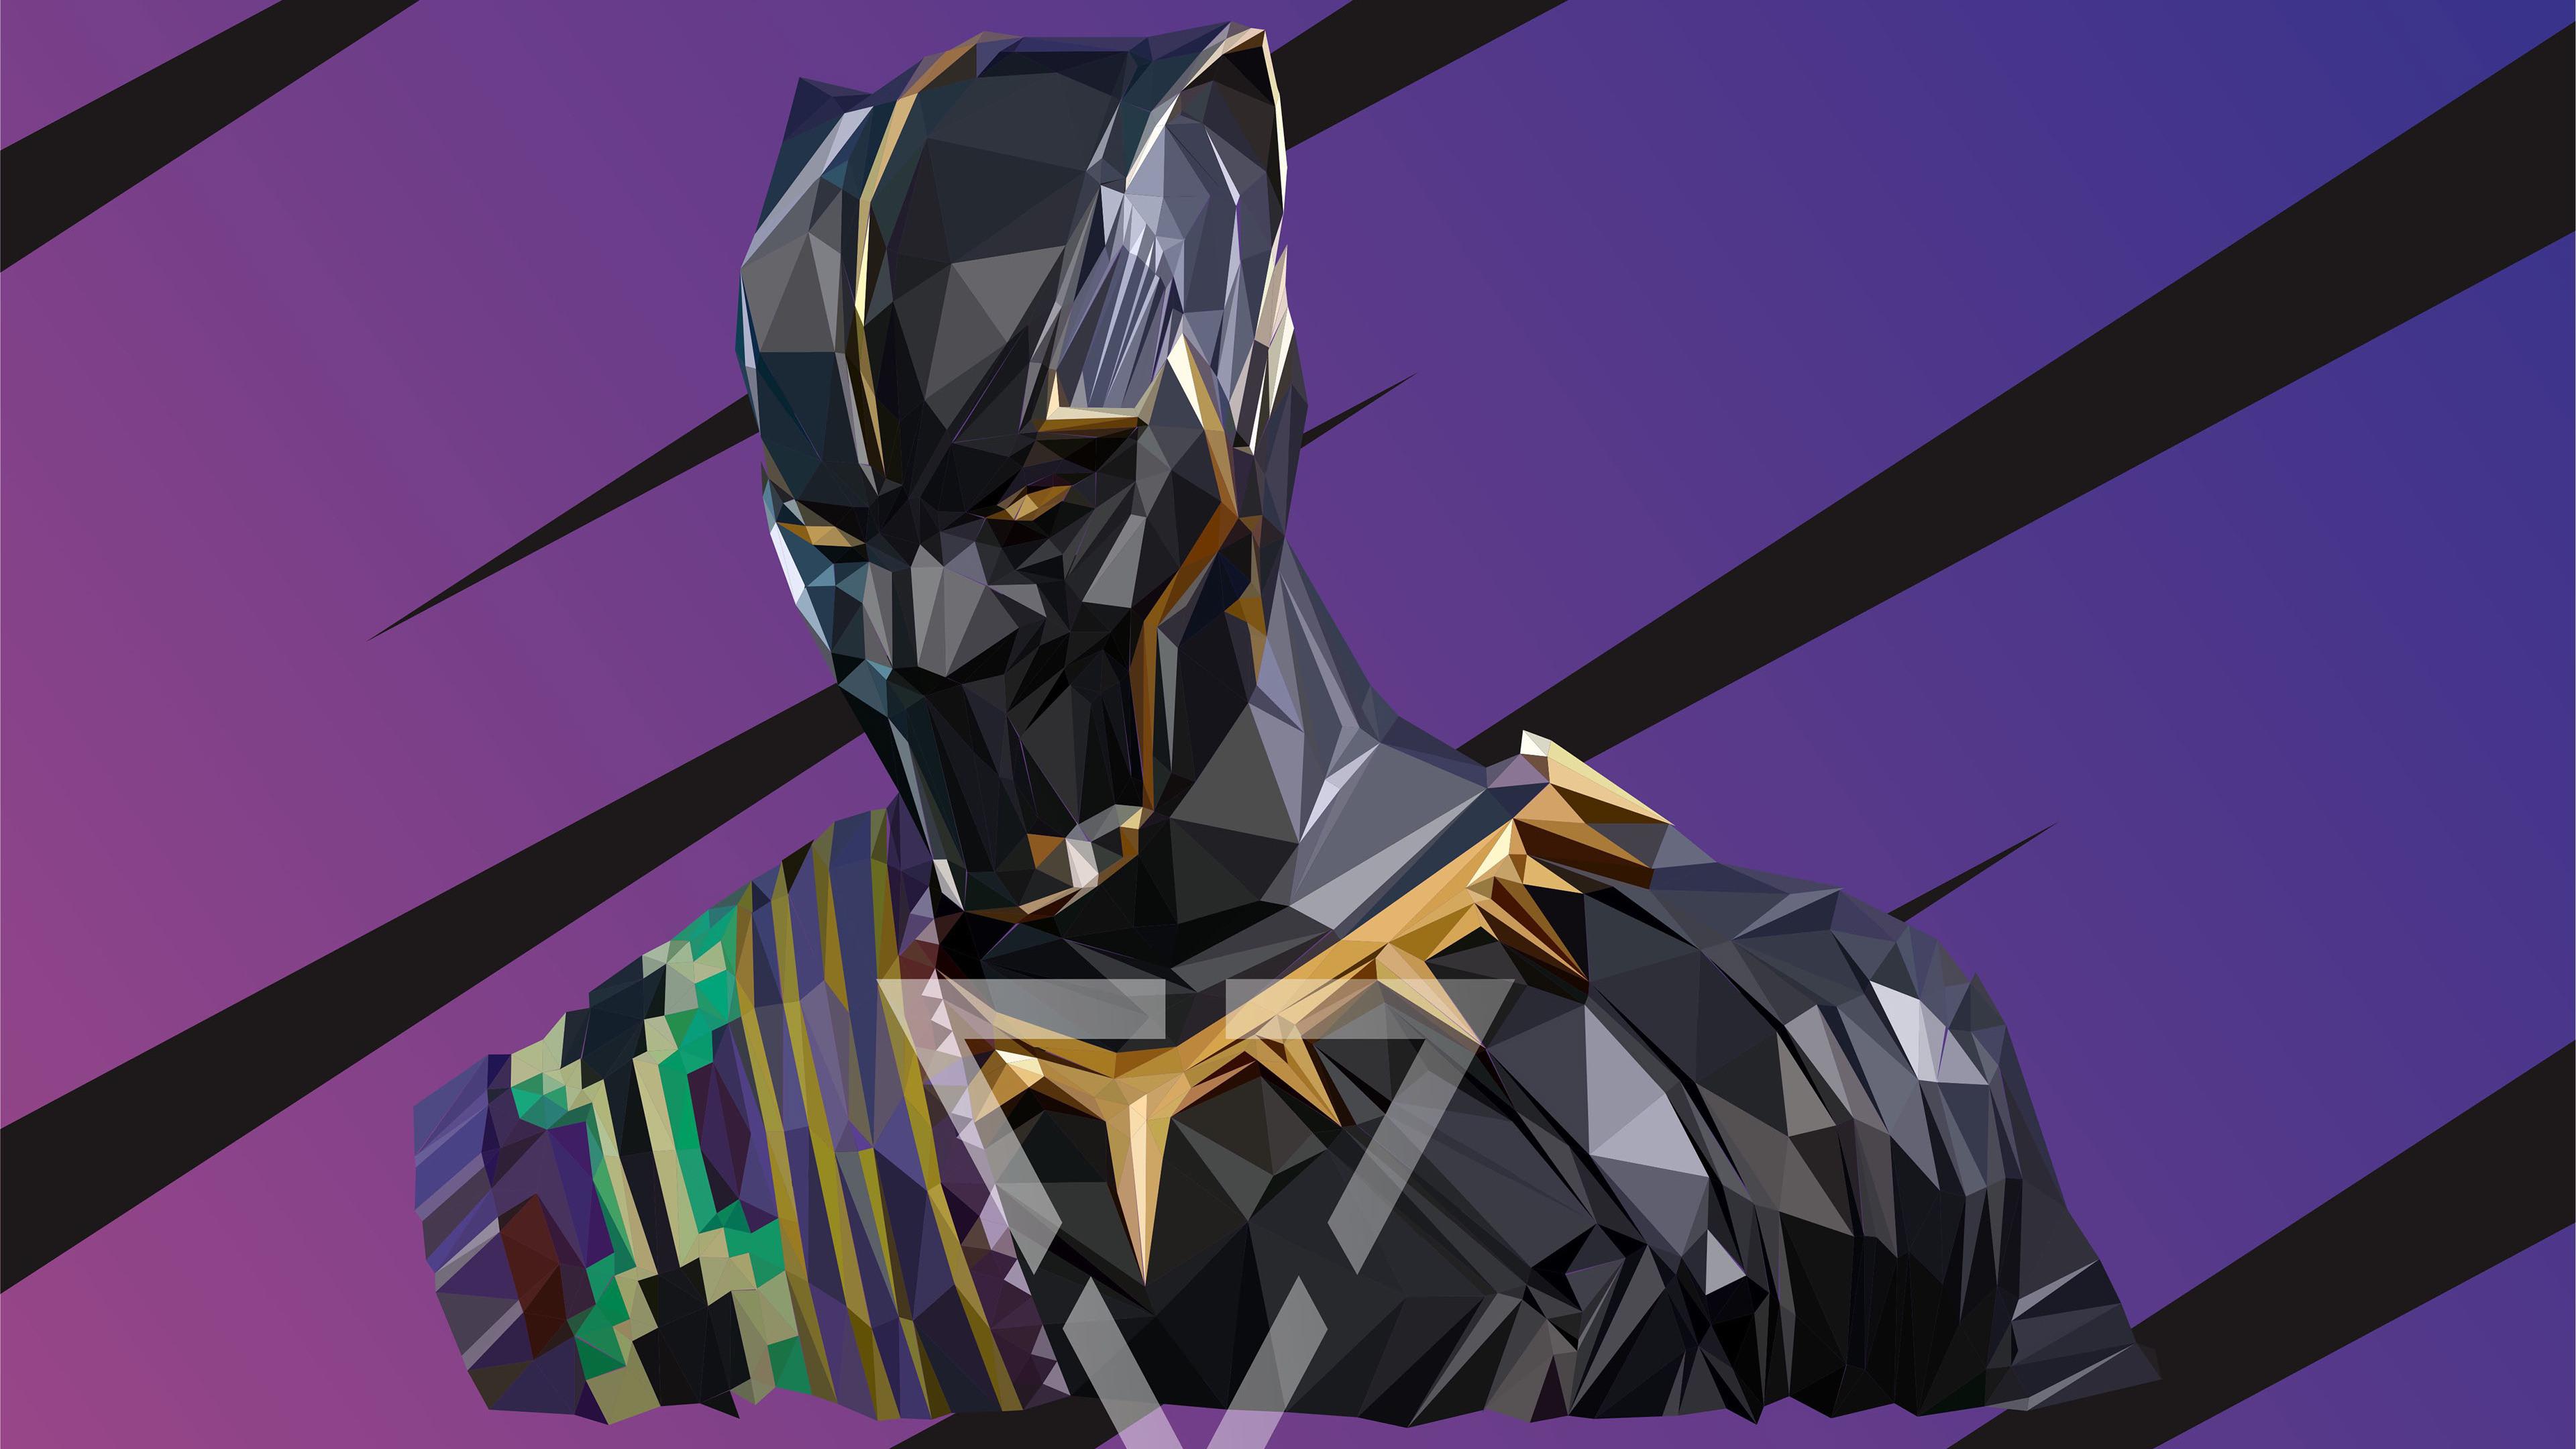 Black Panther Wallpaper 3840x2160